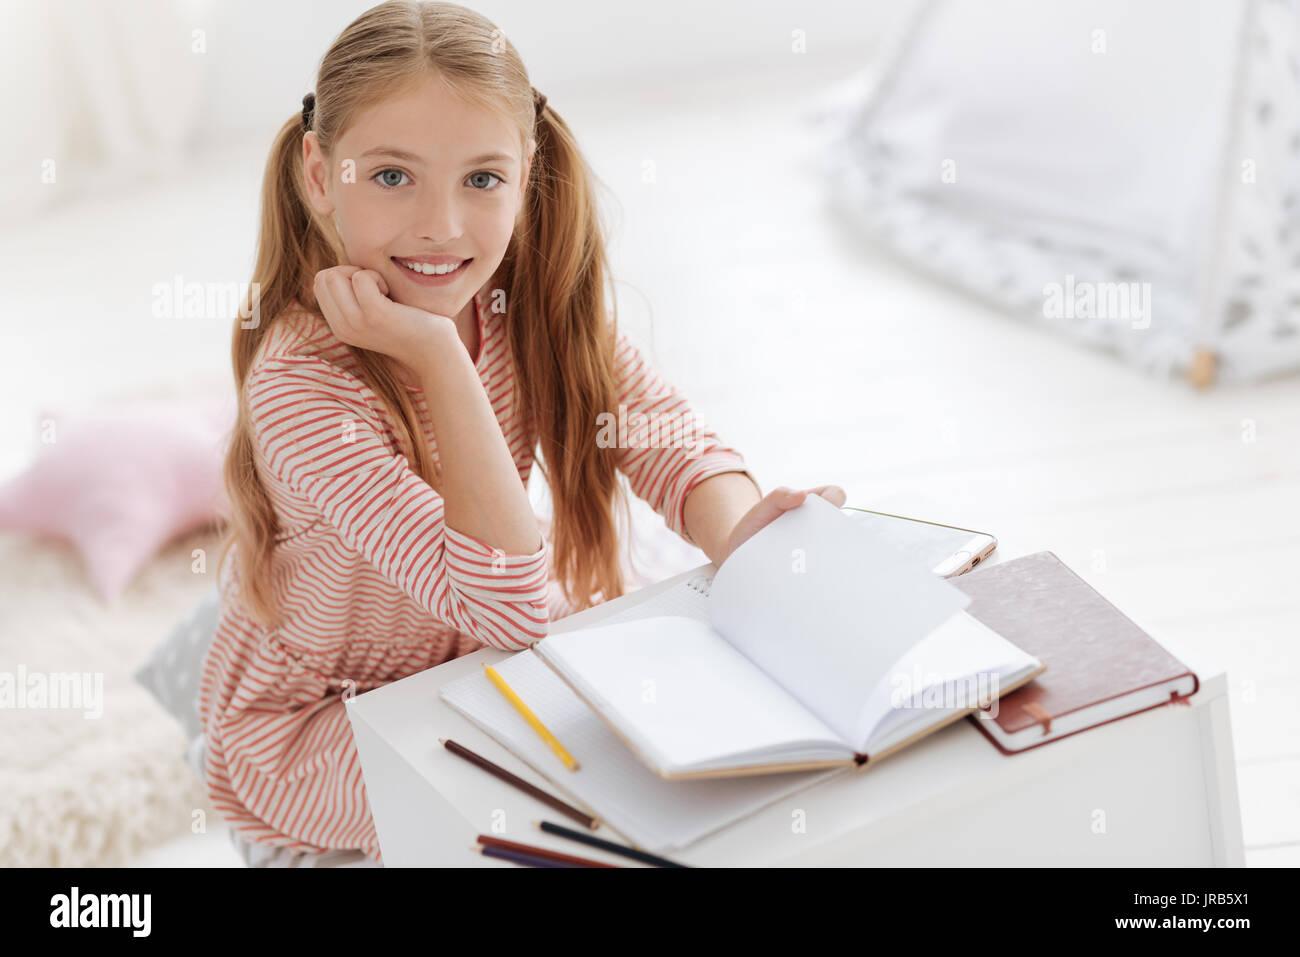 Bonito joven mujer sonriendo a la cámara mientras estudiaba Imagen De Stock